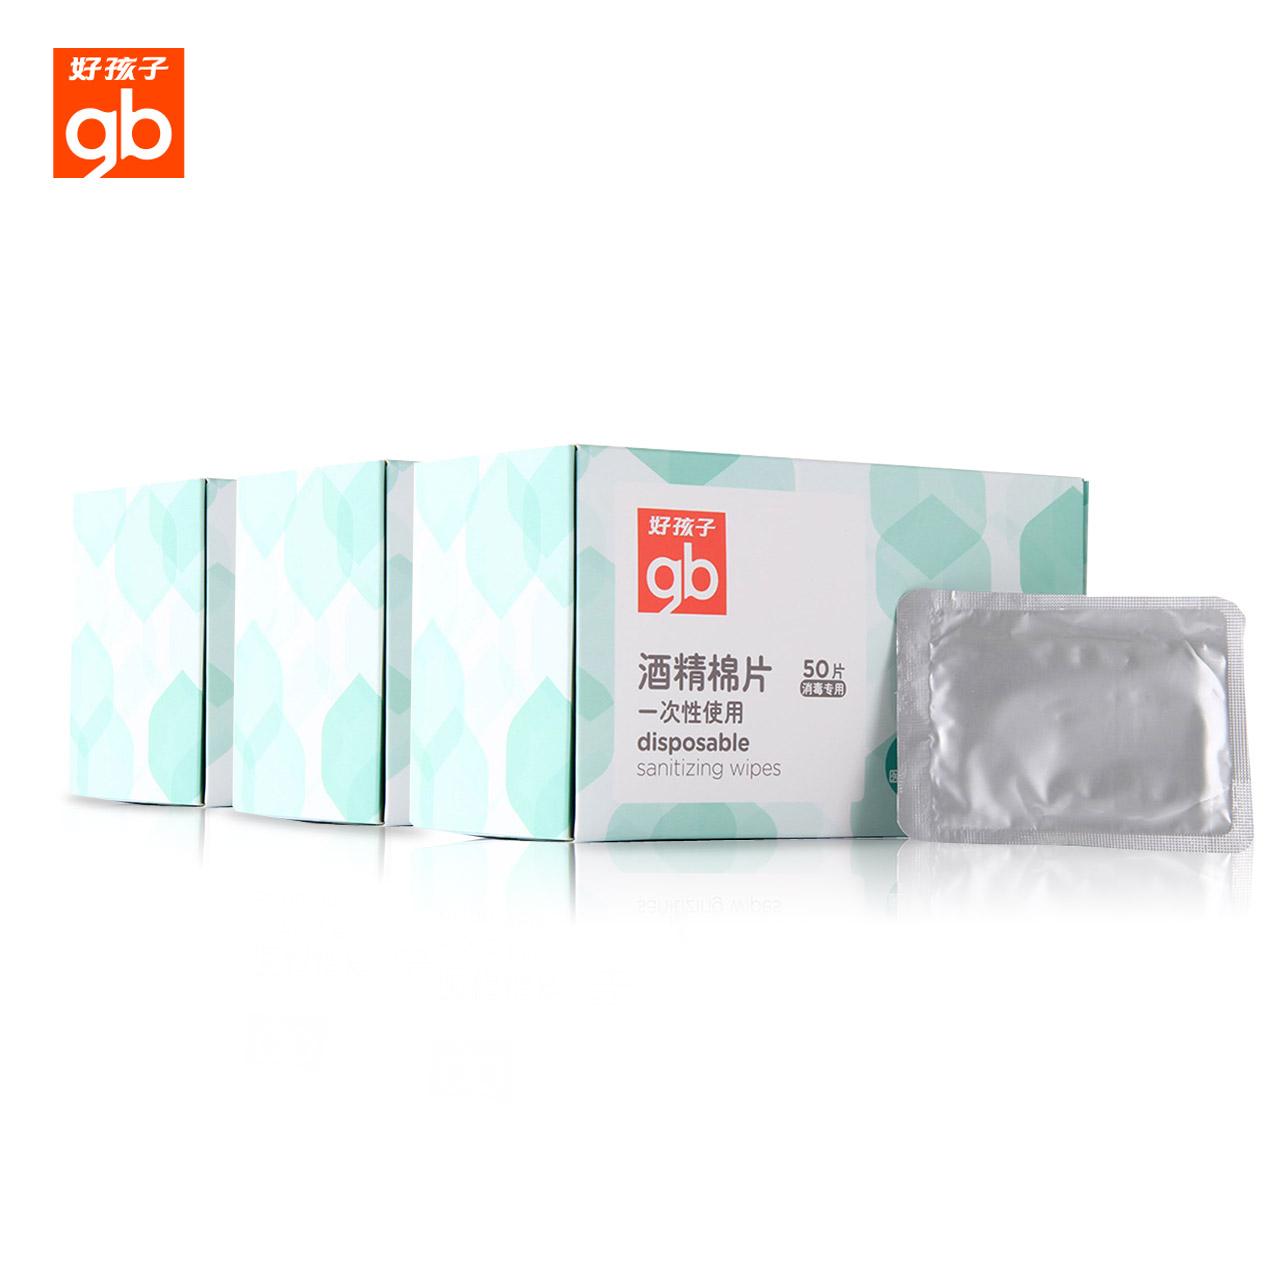 好孩子新生兒酒精棉片 除菌消毒清潔嬰兒 一次性50片^~3盒 eta